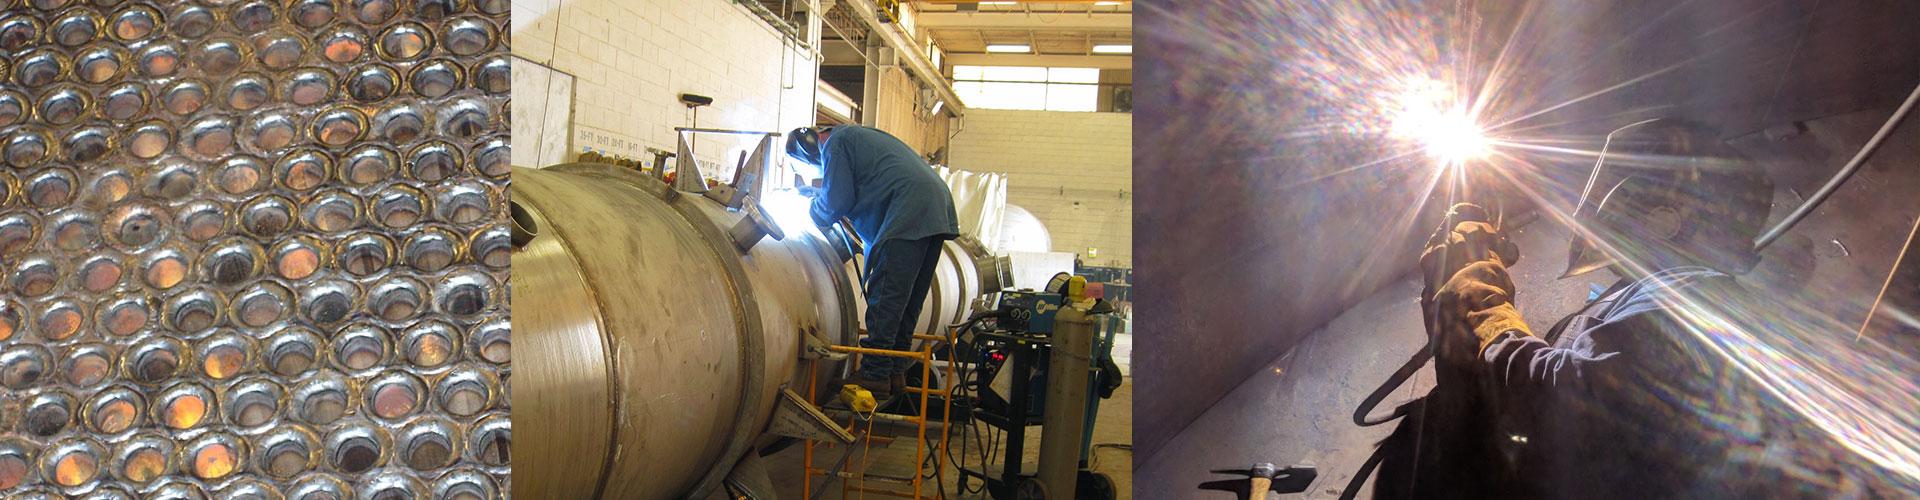 Specialty Welding Contractor – Industrial & Marine